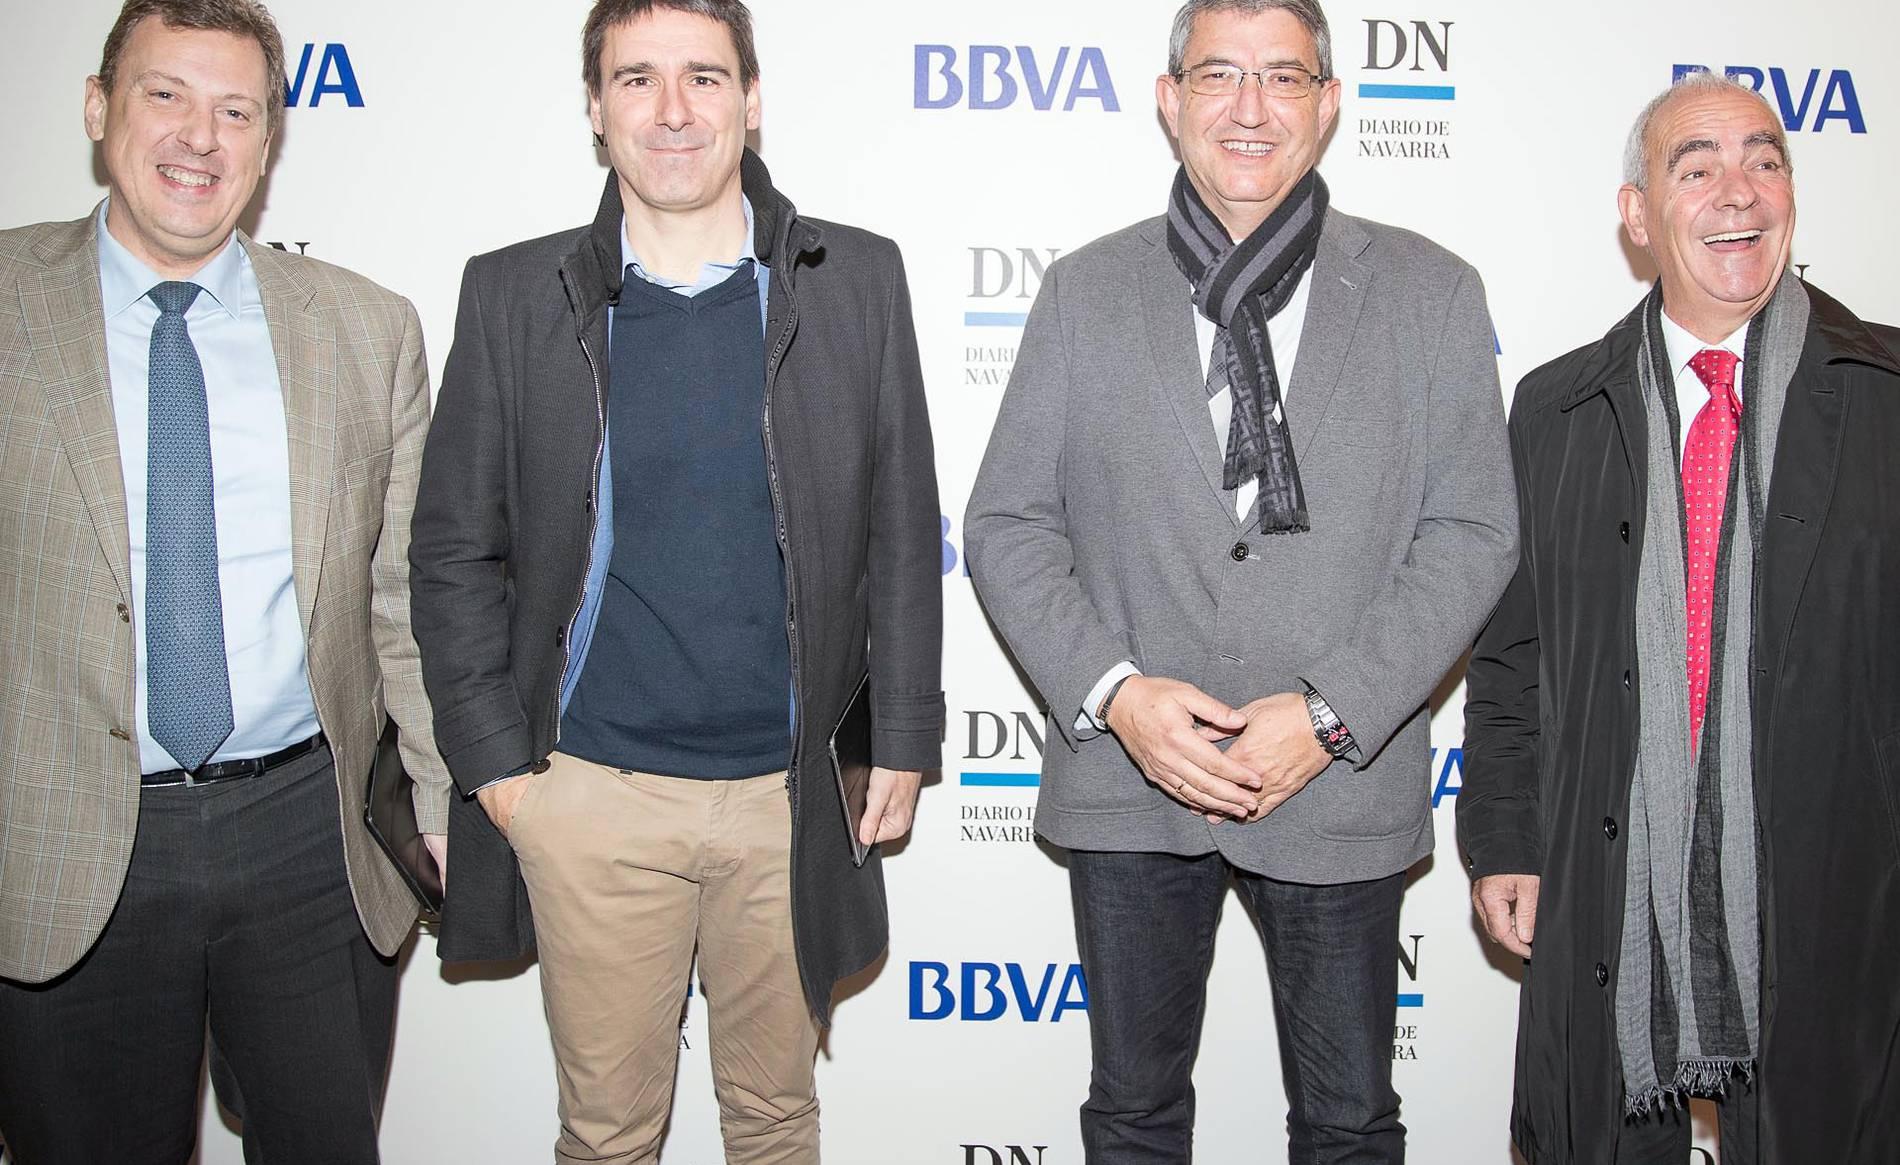 Desayuno BBVA - DN 4 (1/27) - Jornada organizada por Diario de Navarra y BBVA para abordar las perspectivas económicas y los retos de la revolución industrial 4.0, en la que participaron 140 profesionales del mundo empresarial navarro. - DN Management -